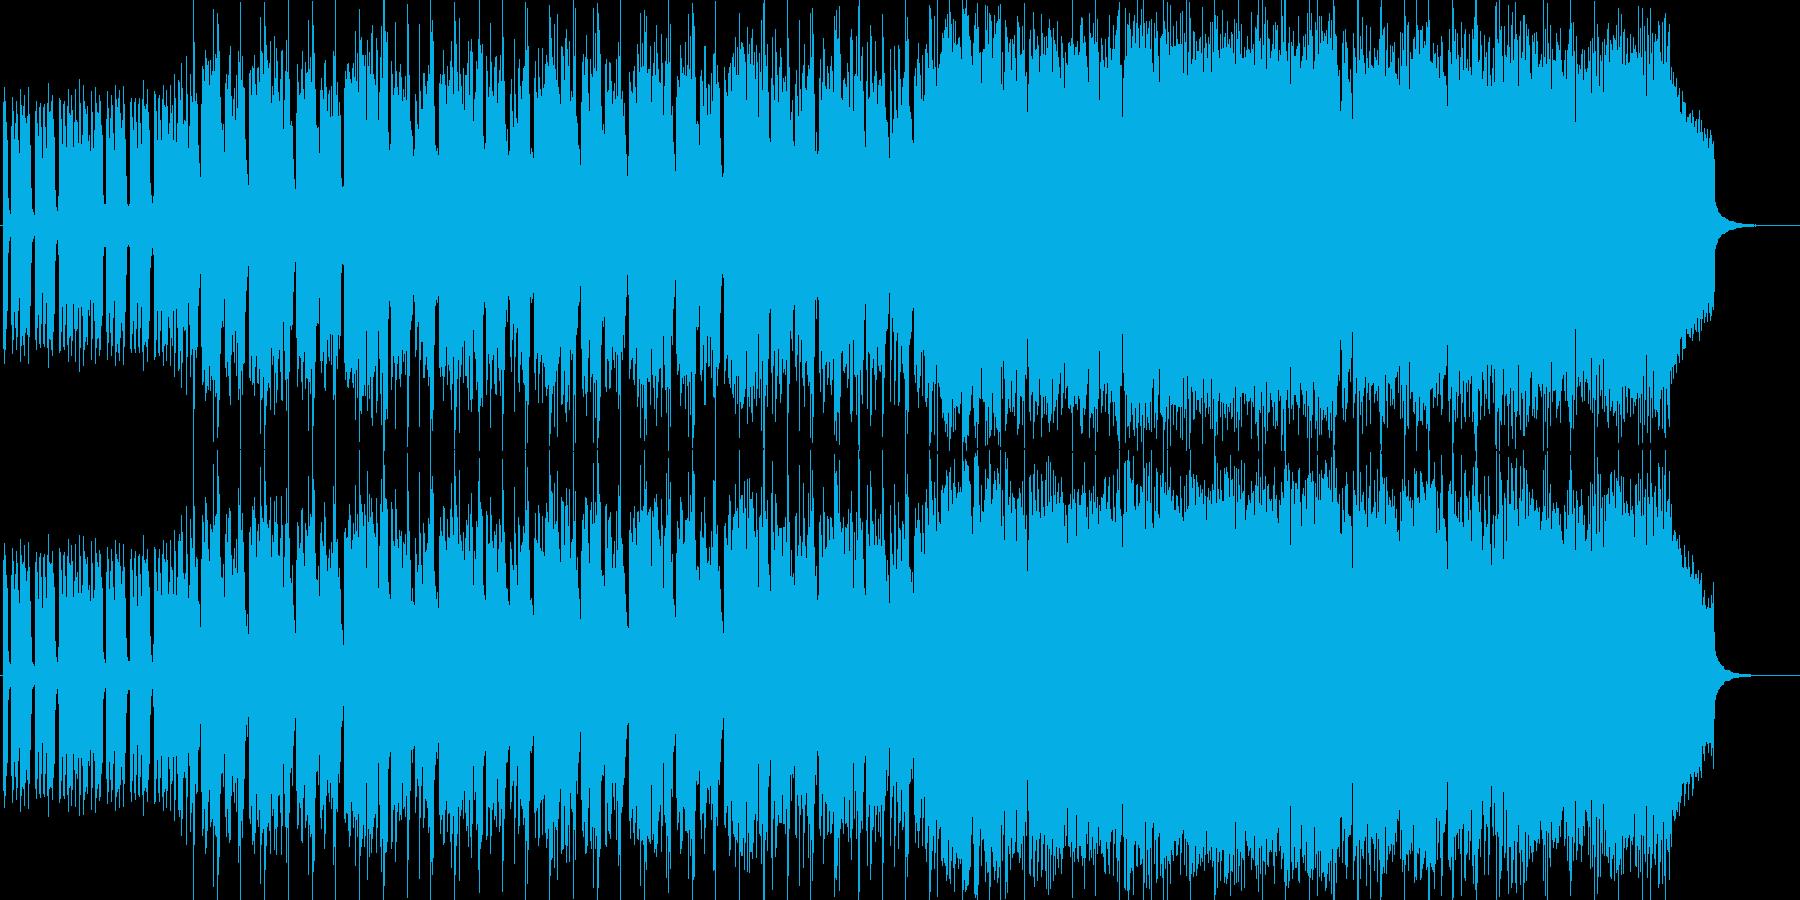 ピンクパンサーのようなミステリアスな曲の再生済みの波形